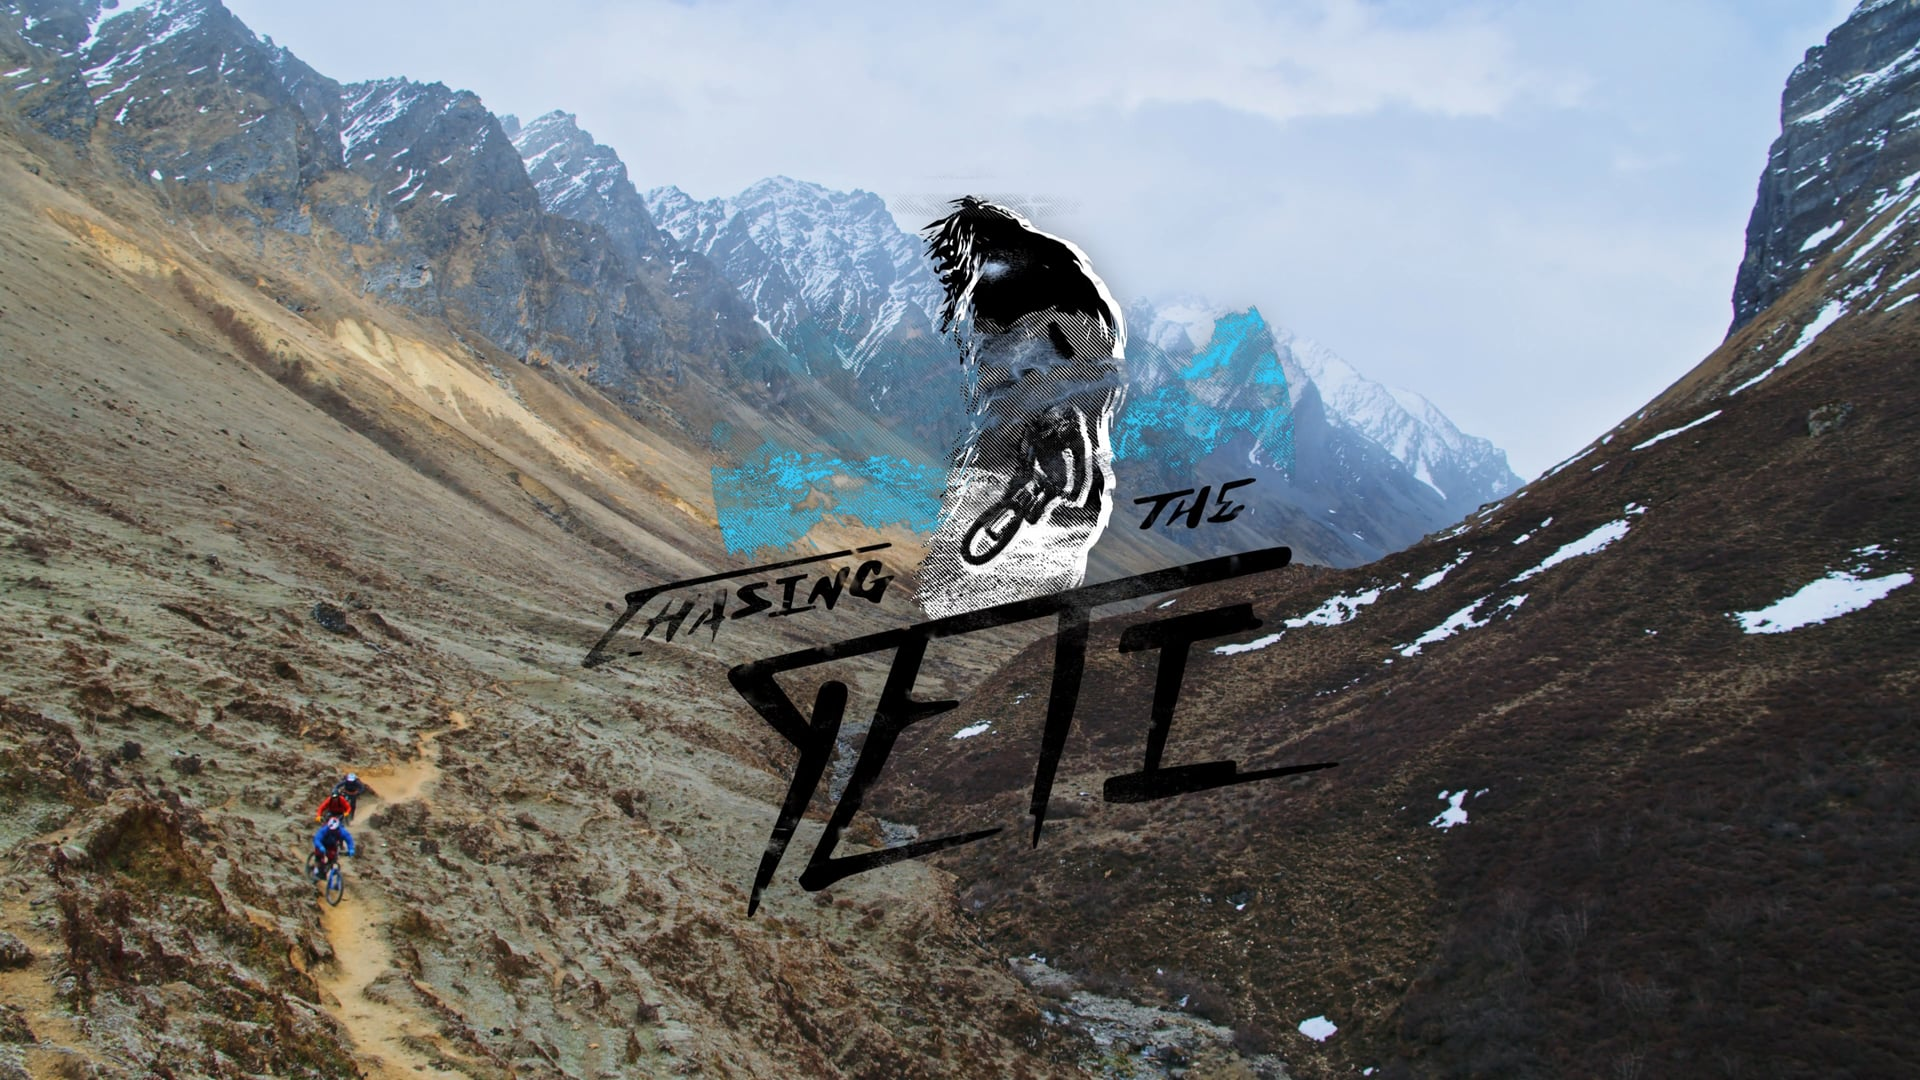 Chasing the Yeti Trailer